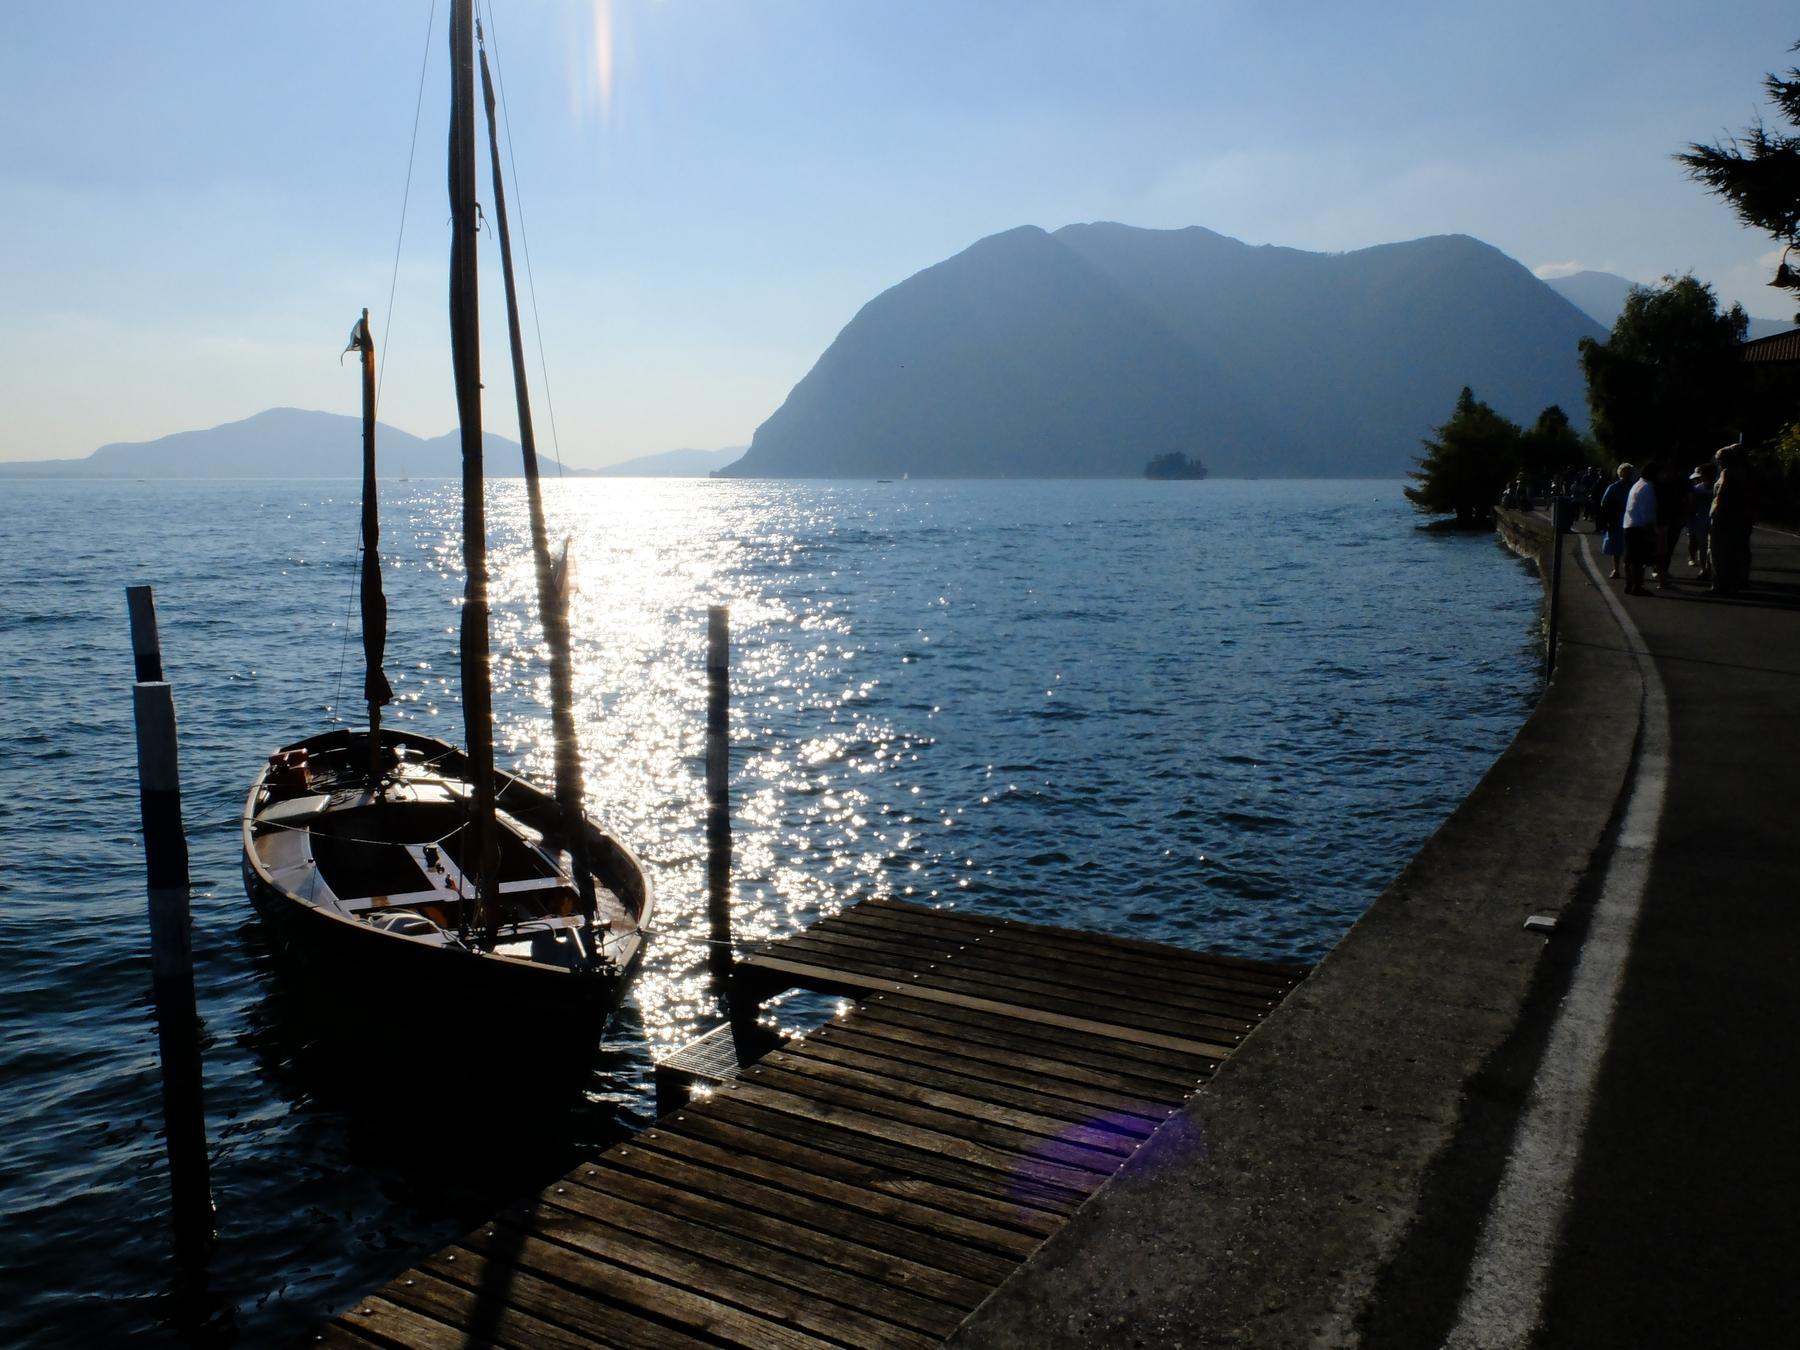 Paesi più belli d'Italia 2021 - Monte Isola